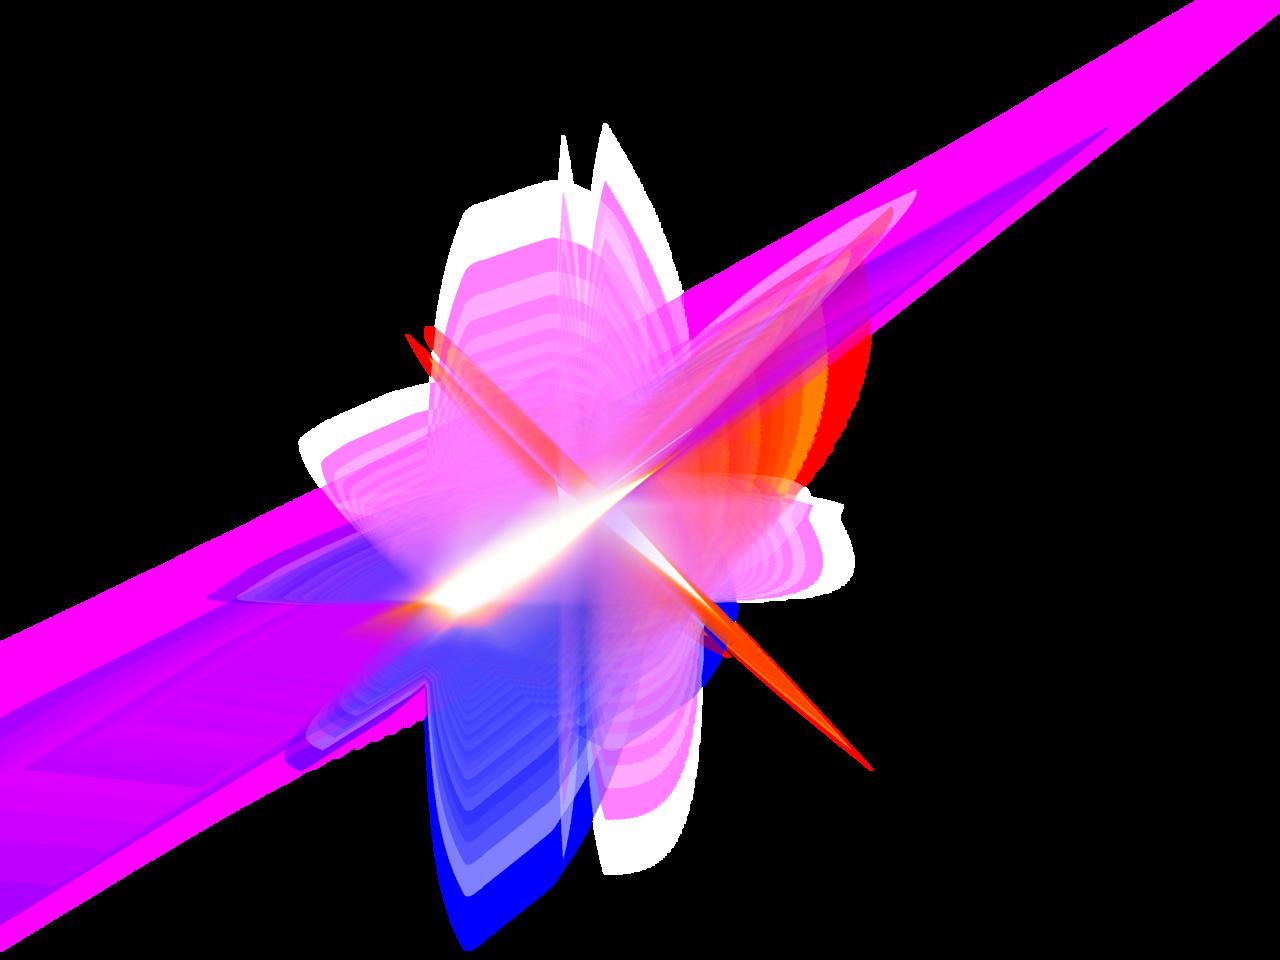 просящий эффект света картинка с прозрачным фоном аккорды